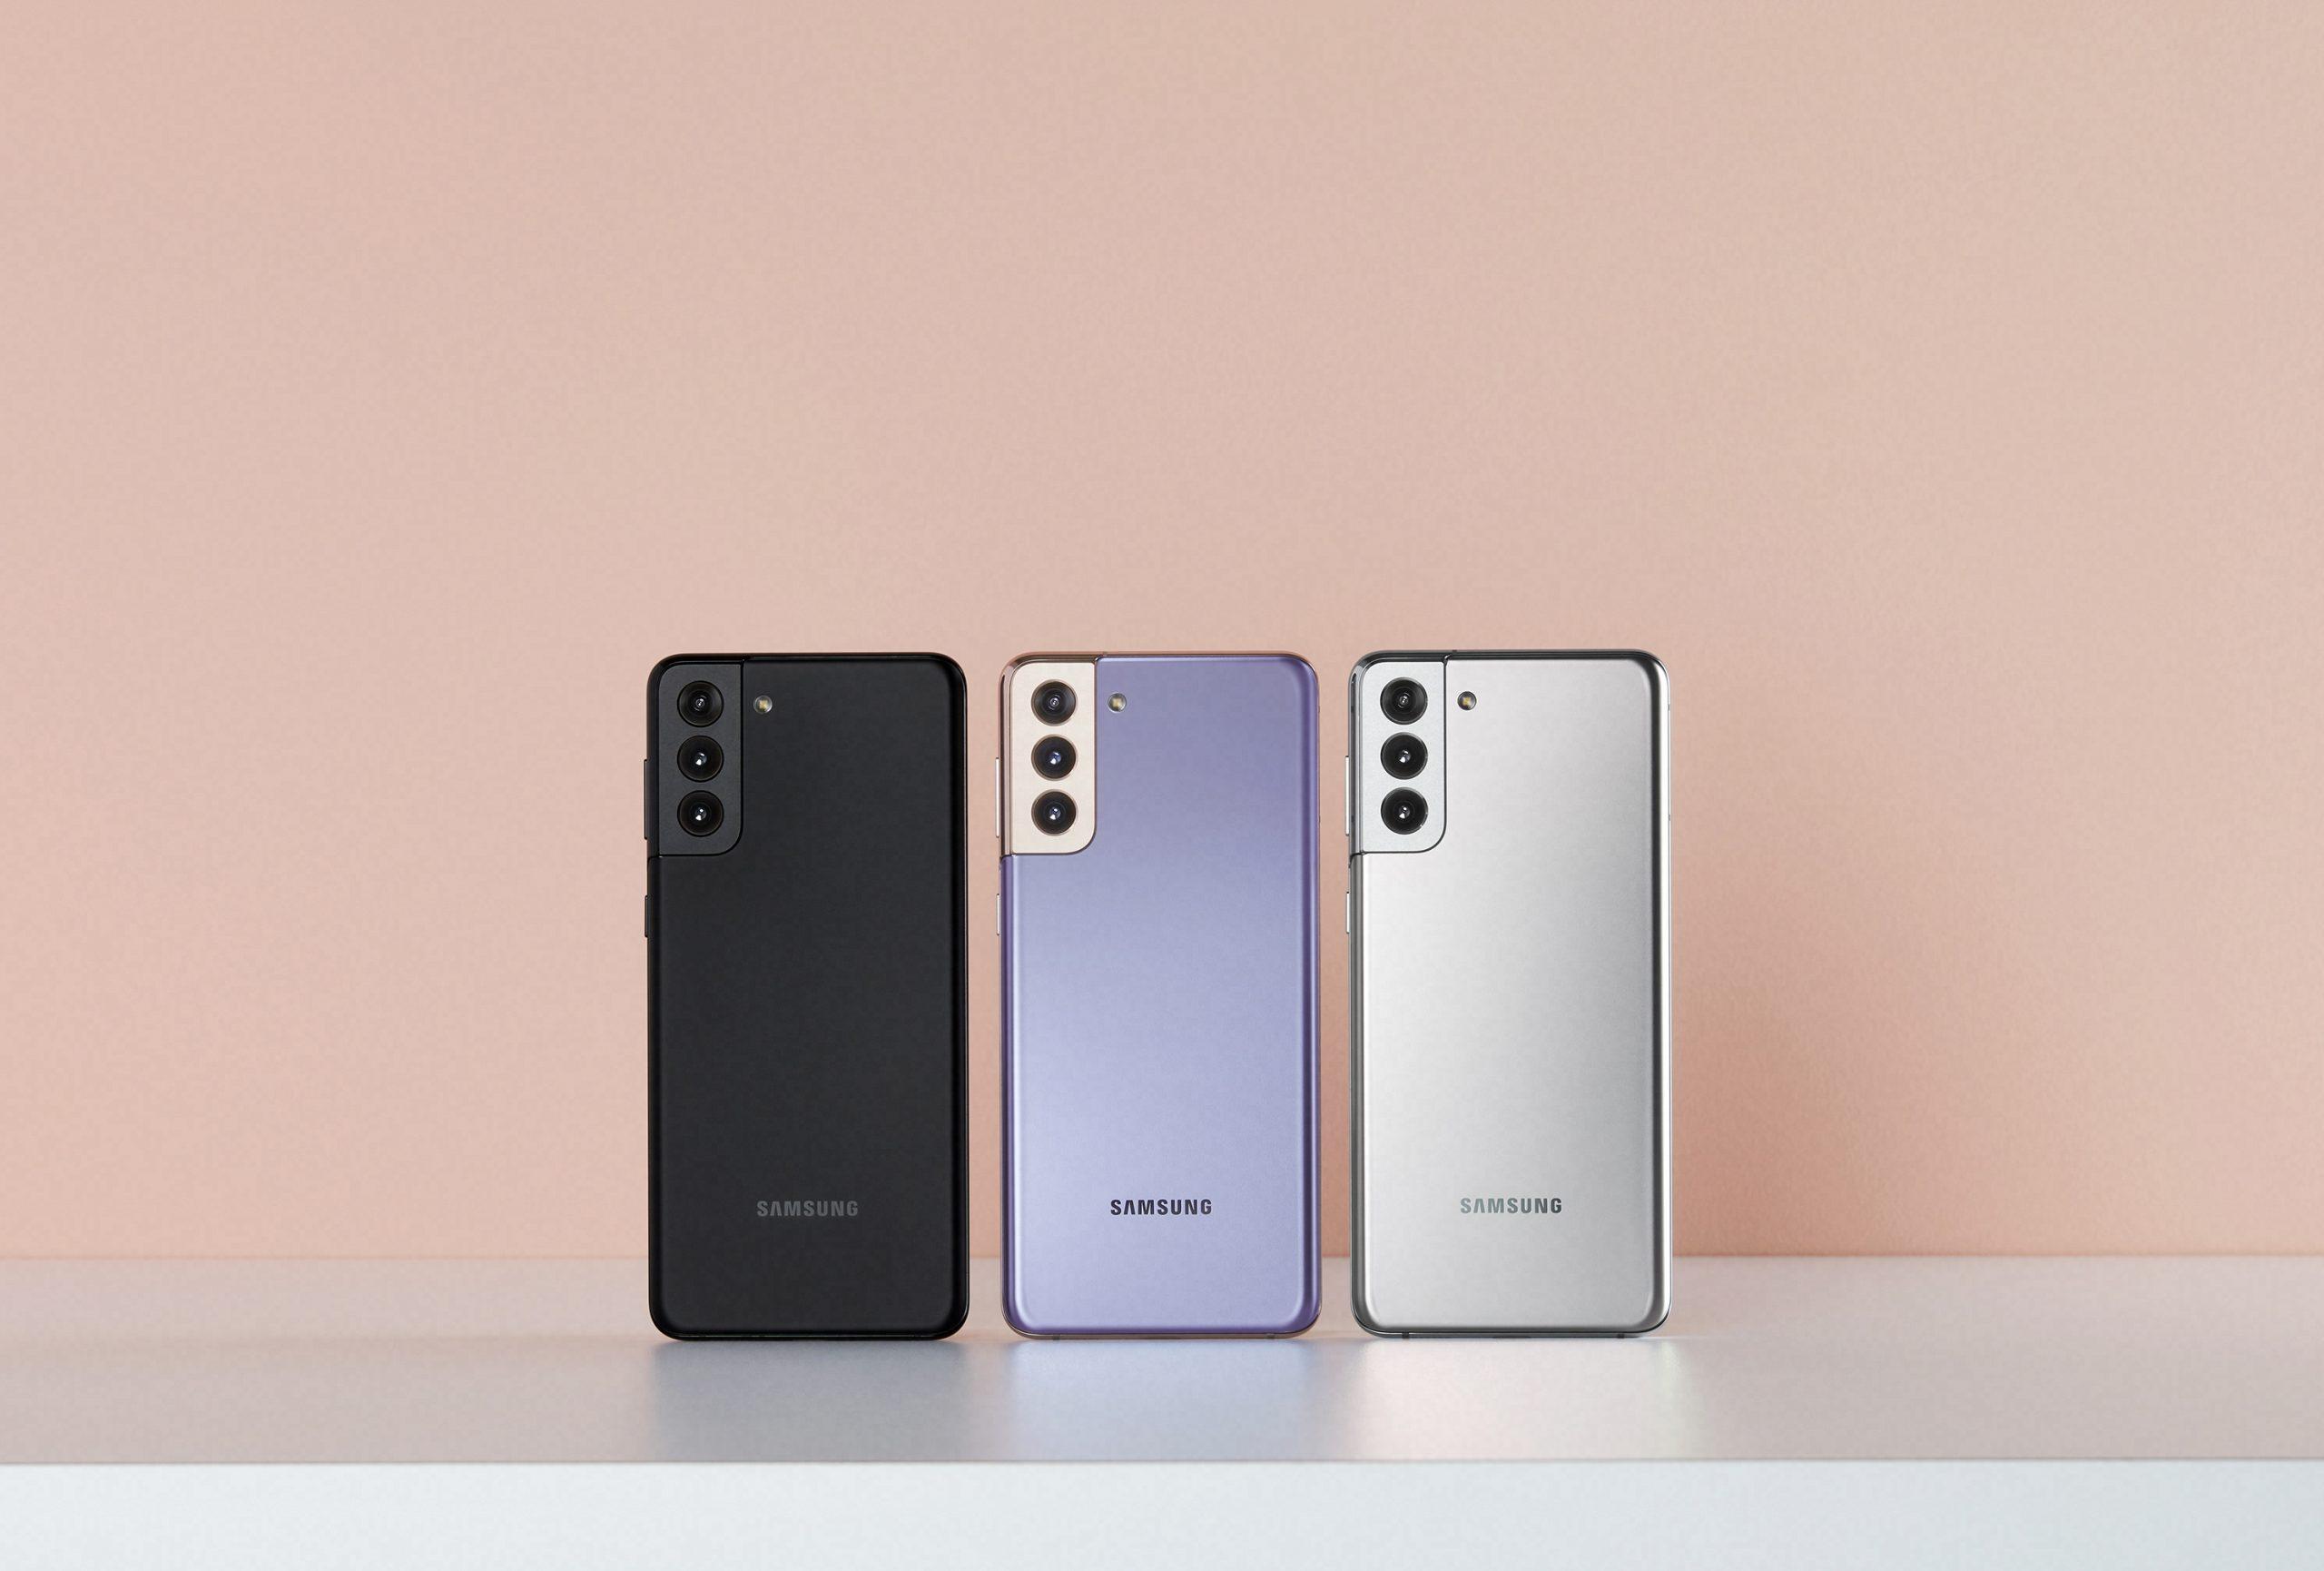 Samsung e Porto Seguro lançam plano de assinatura para smarthphones